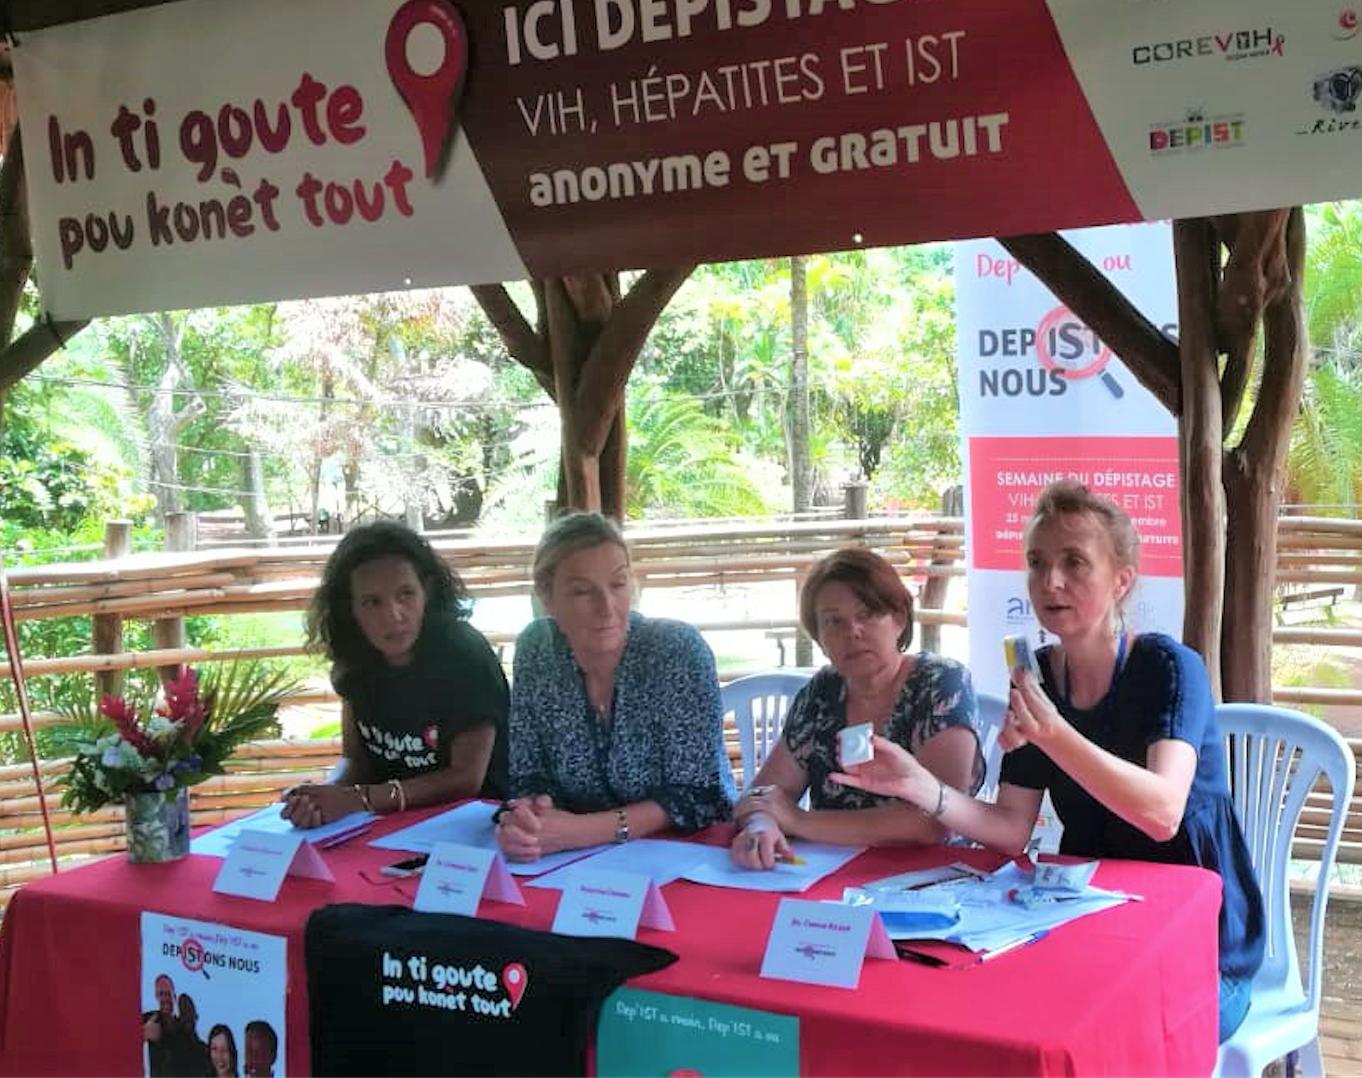 """Semaine du Dépistage VIH, Hépatites et VST: """"Dépistons nous!"""""""